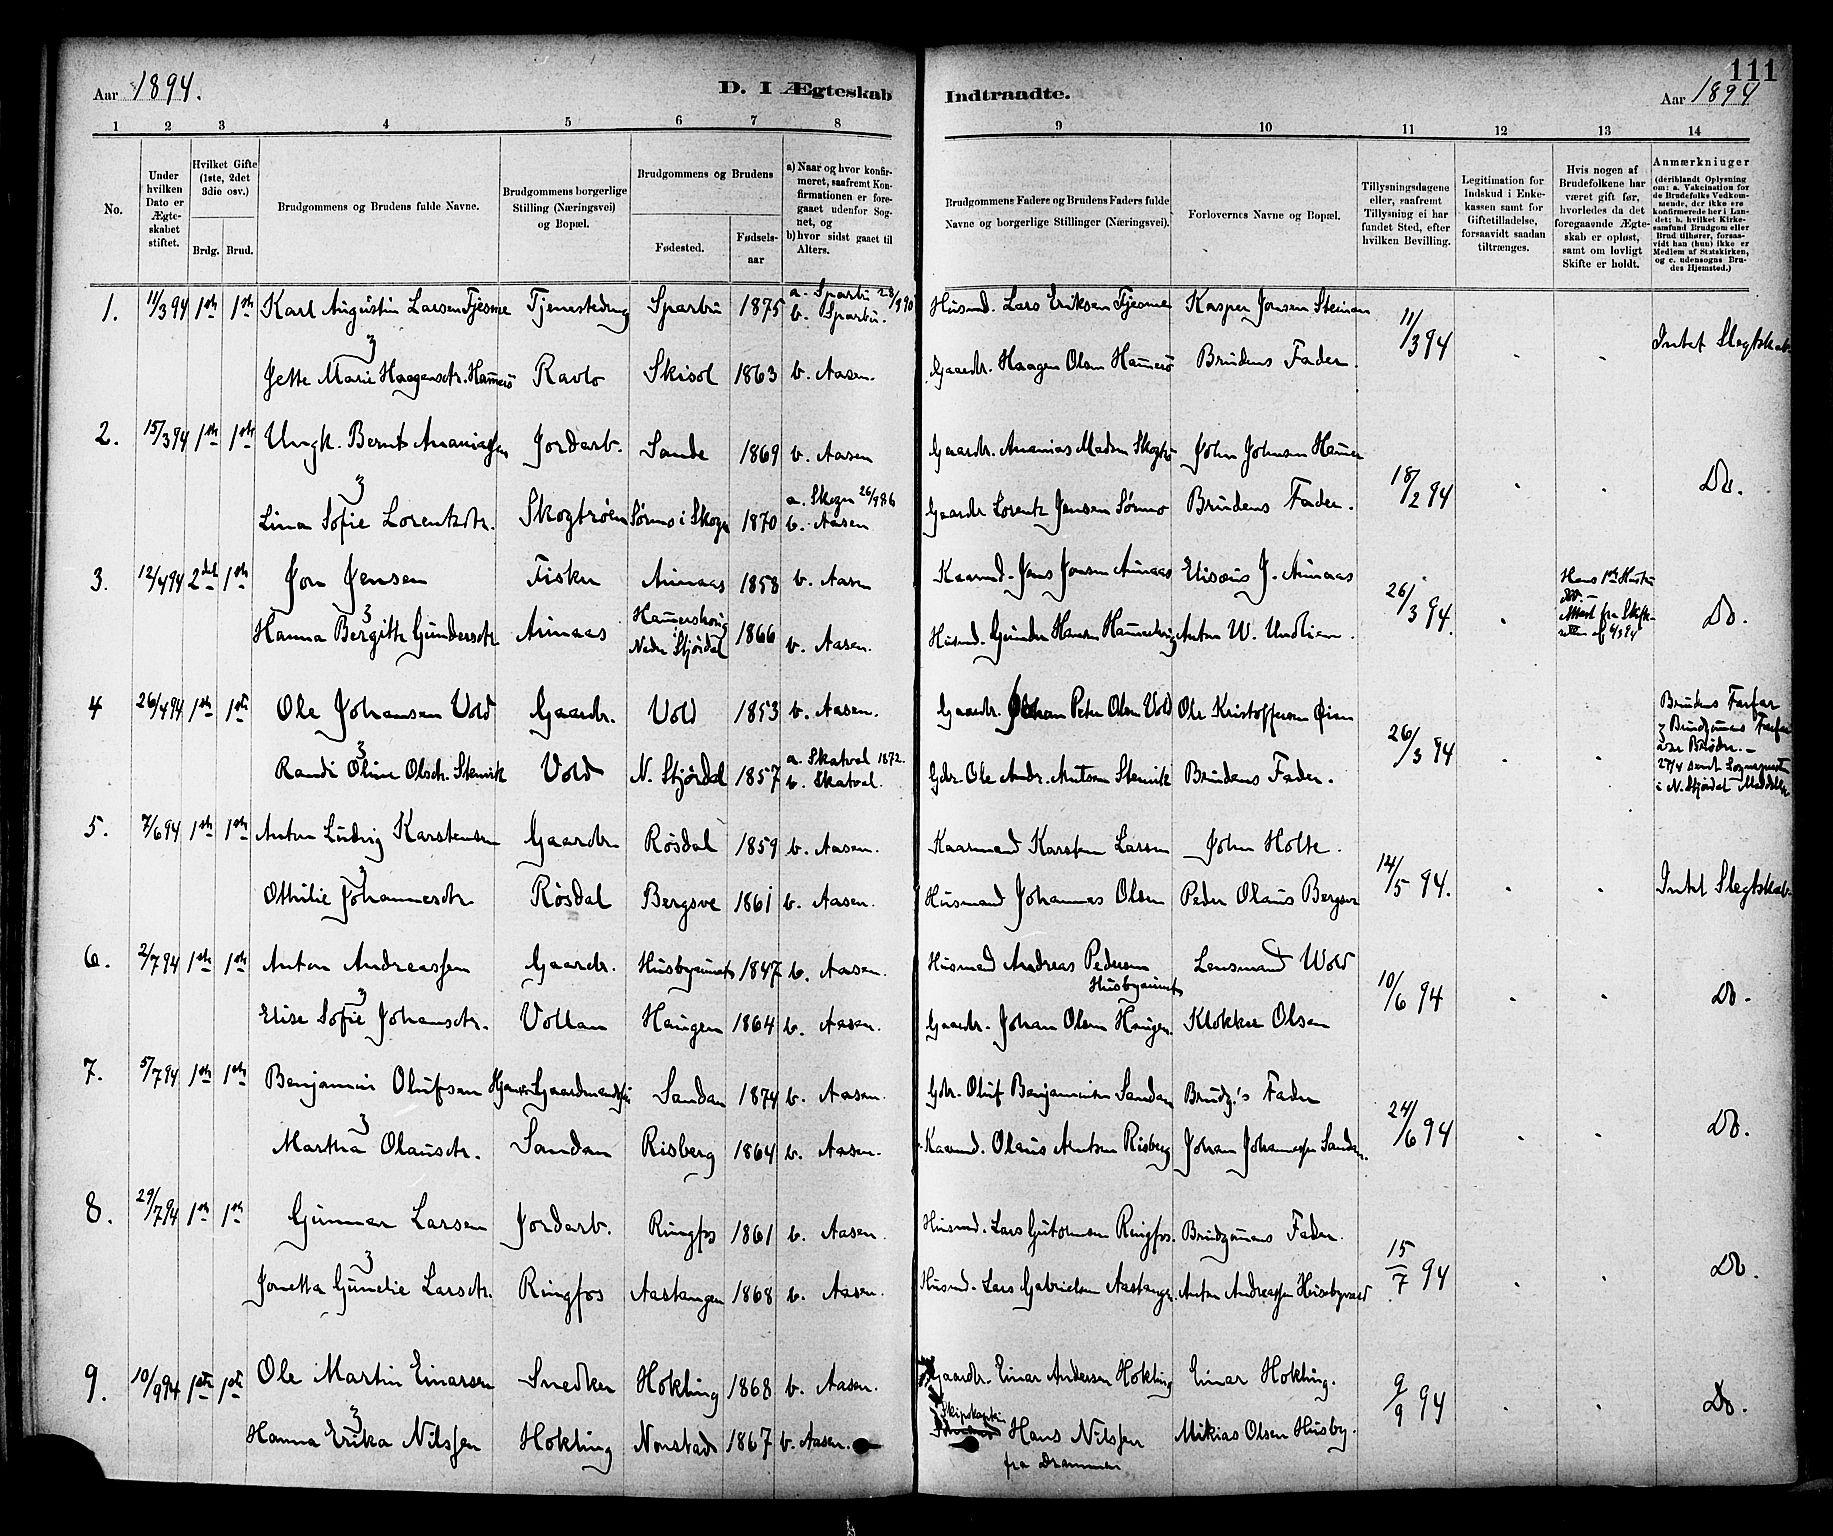 SAT, Ministerialprotokoller, klokkerbøker og fødselsregistre - Nord-Trøndelag, 714/L0130: Ministerialbok nr. 714A01, 1878-1895, s. 111